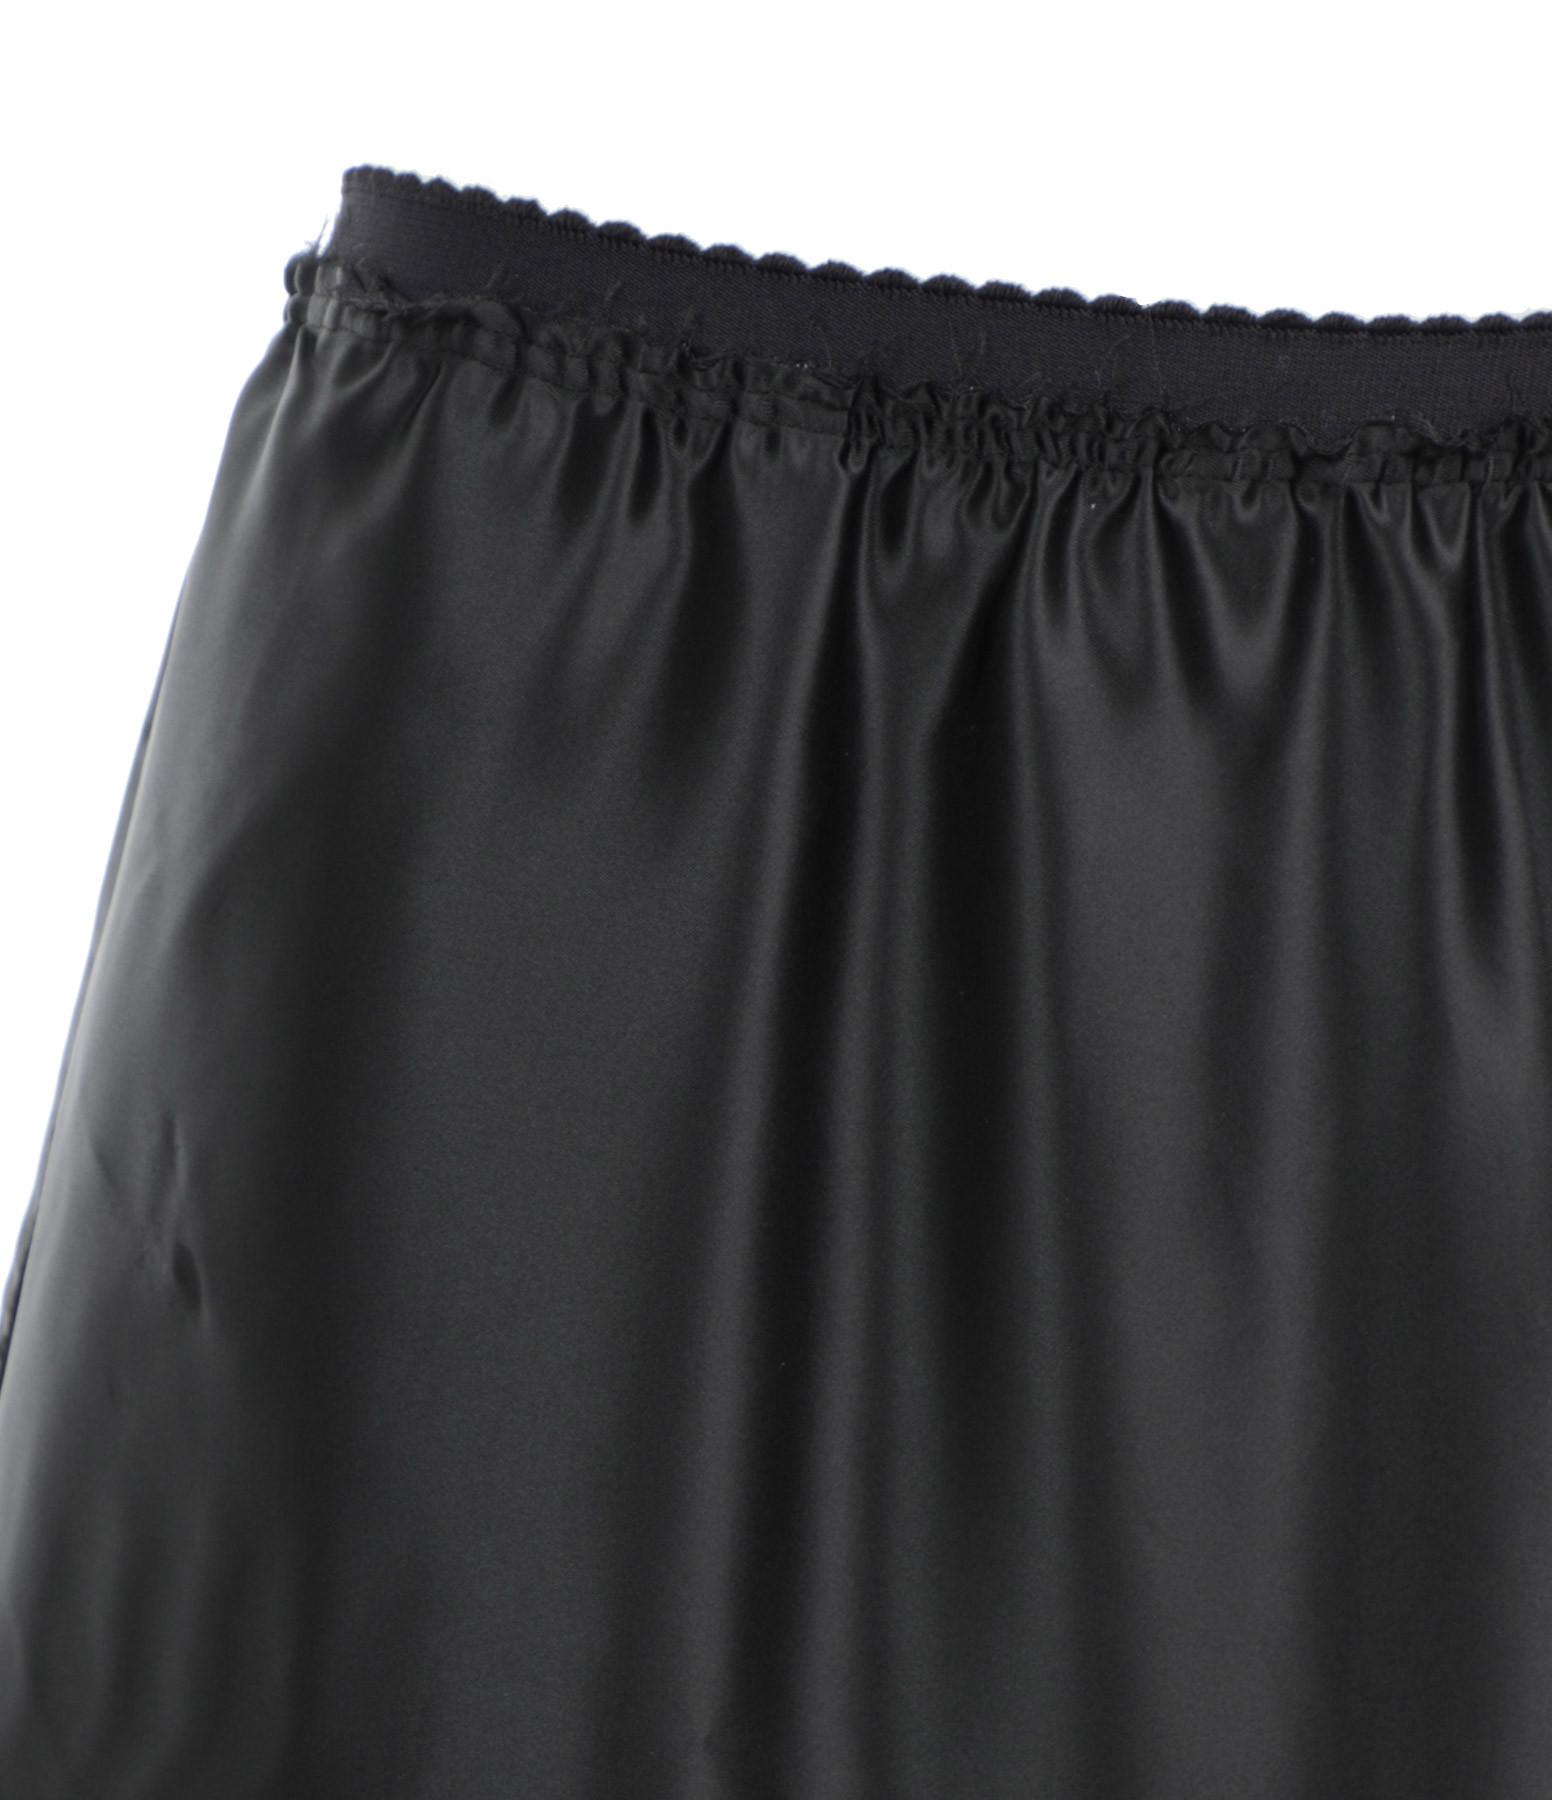 MM6 MAISON MARGIELA - Jupe Noir